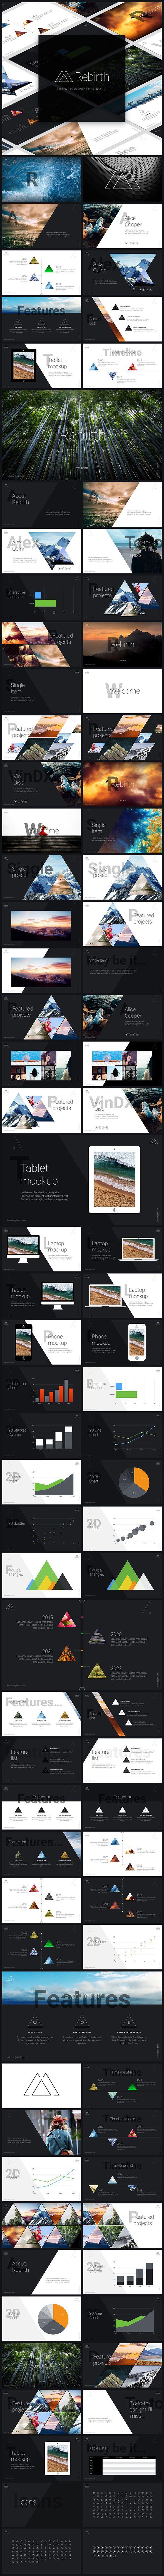 Rebirth powerpoint presentation creative powerpoint templates rebirth powerpoint presentation creative powerpoint templates toneelgroepblik Images